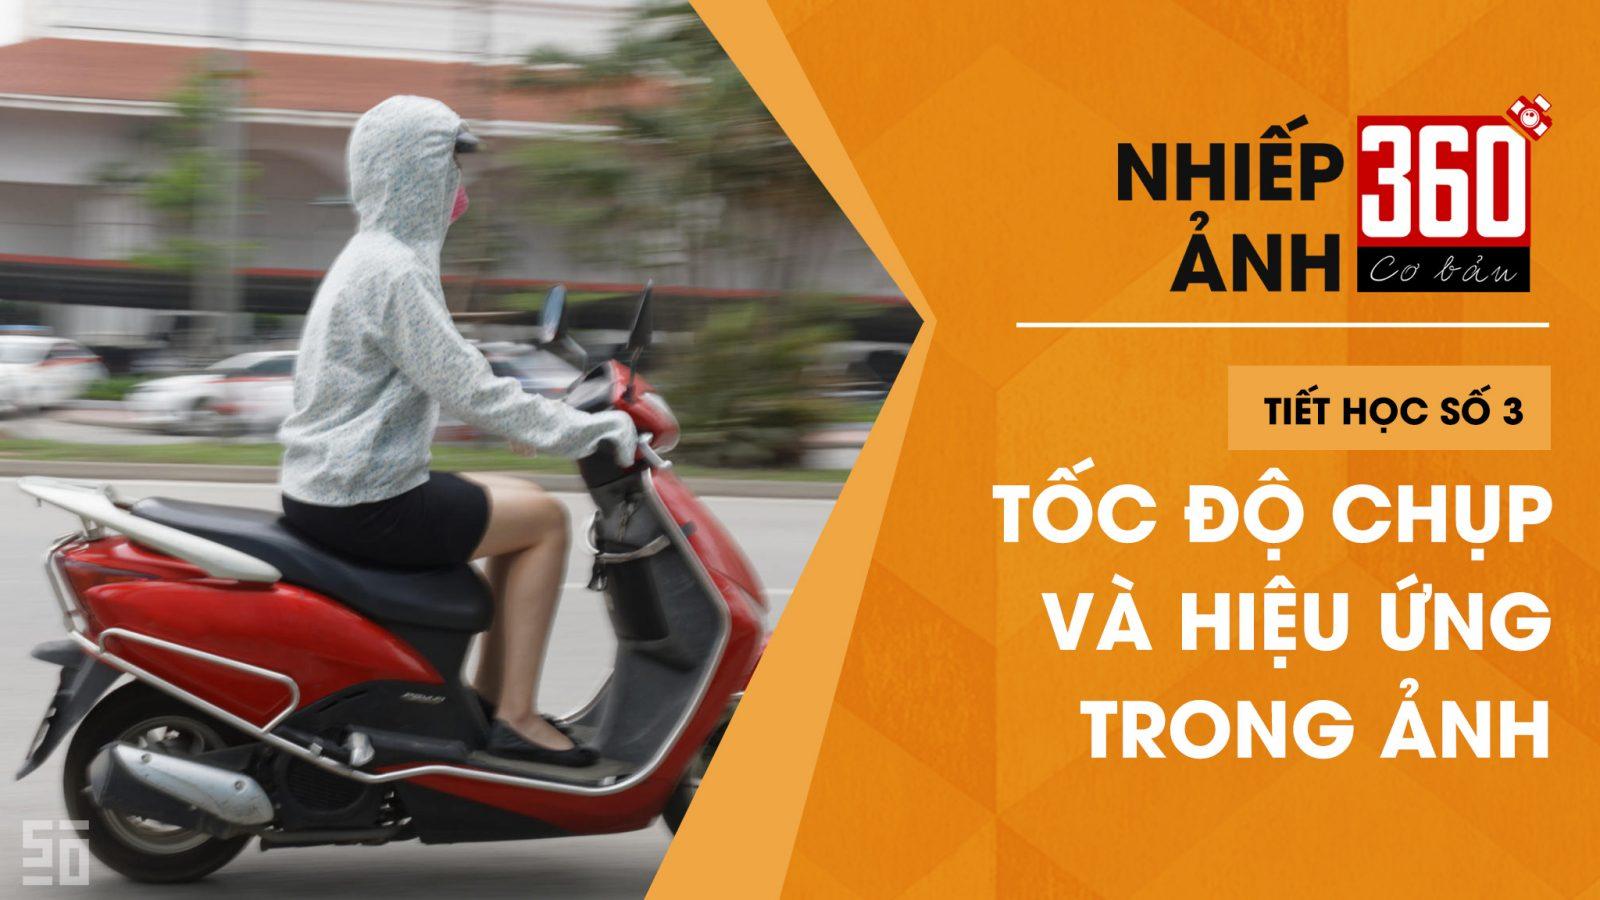 Nhiếp ảnh 360 [CƠ BẢN] Tập 3: Tìm hiểu về Tốc độ chụp | 50mm Vietnam